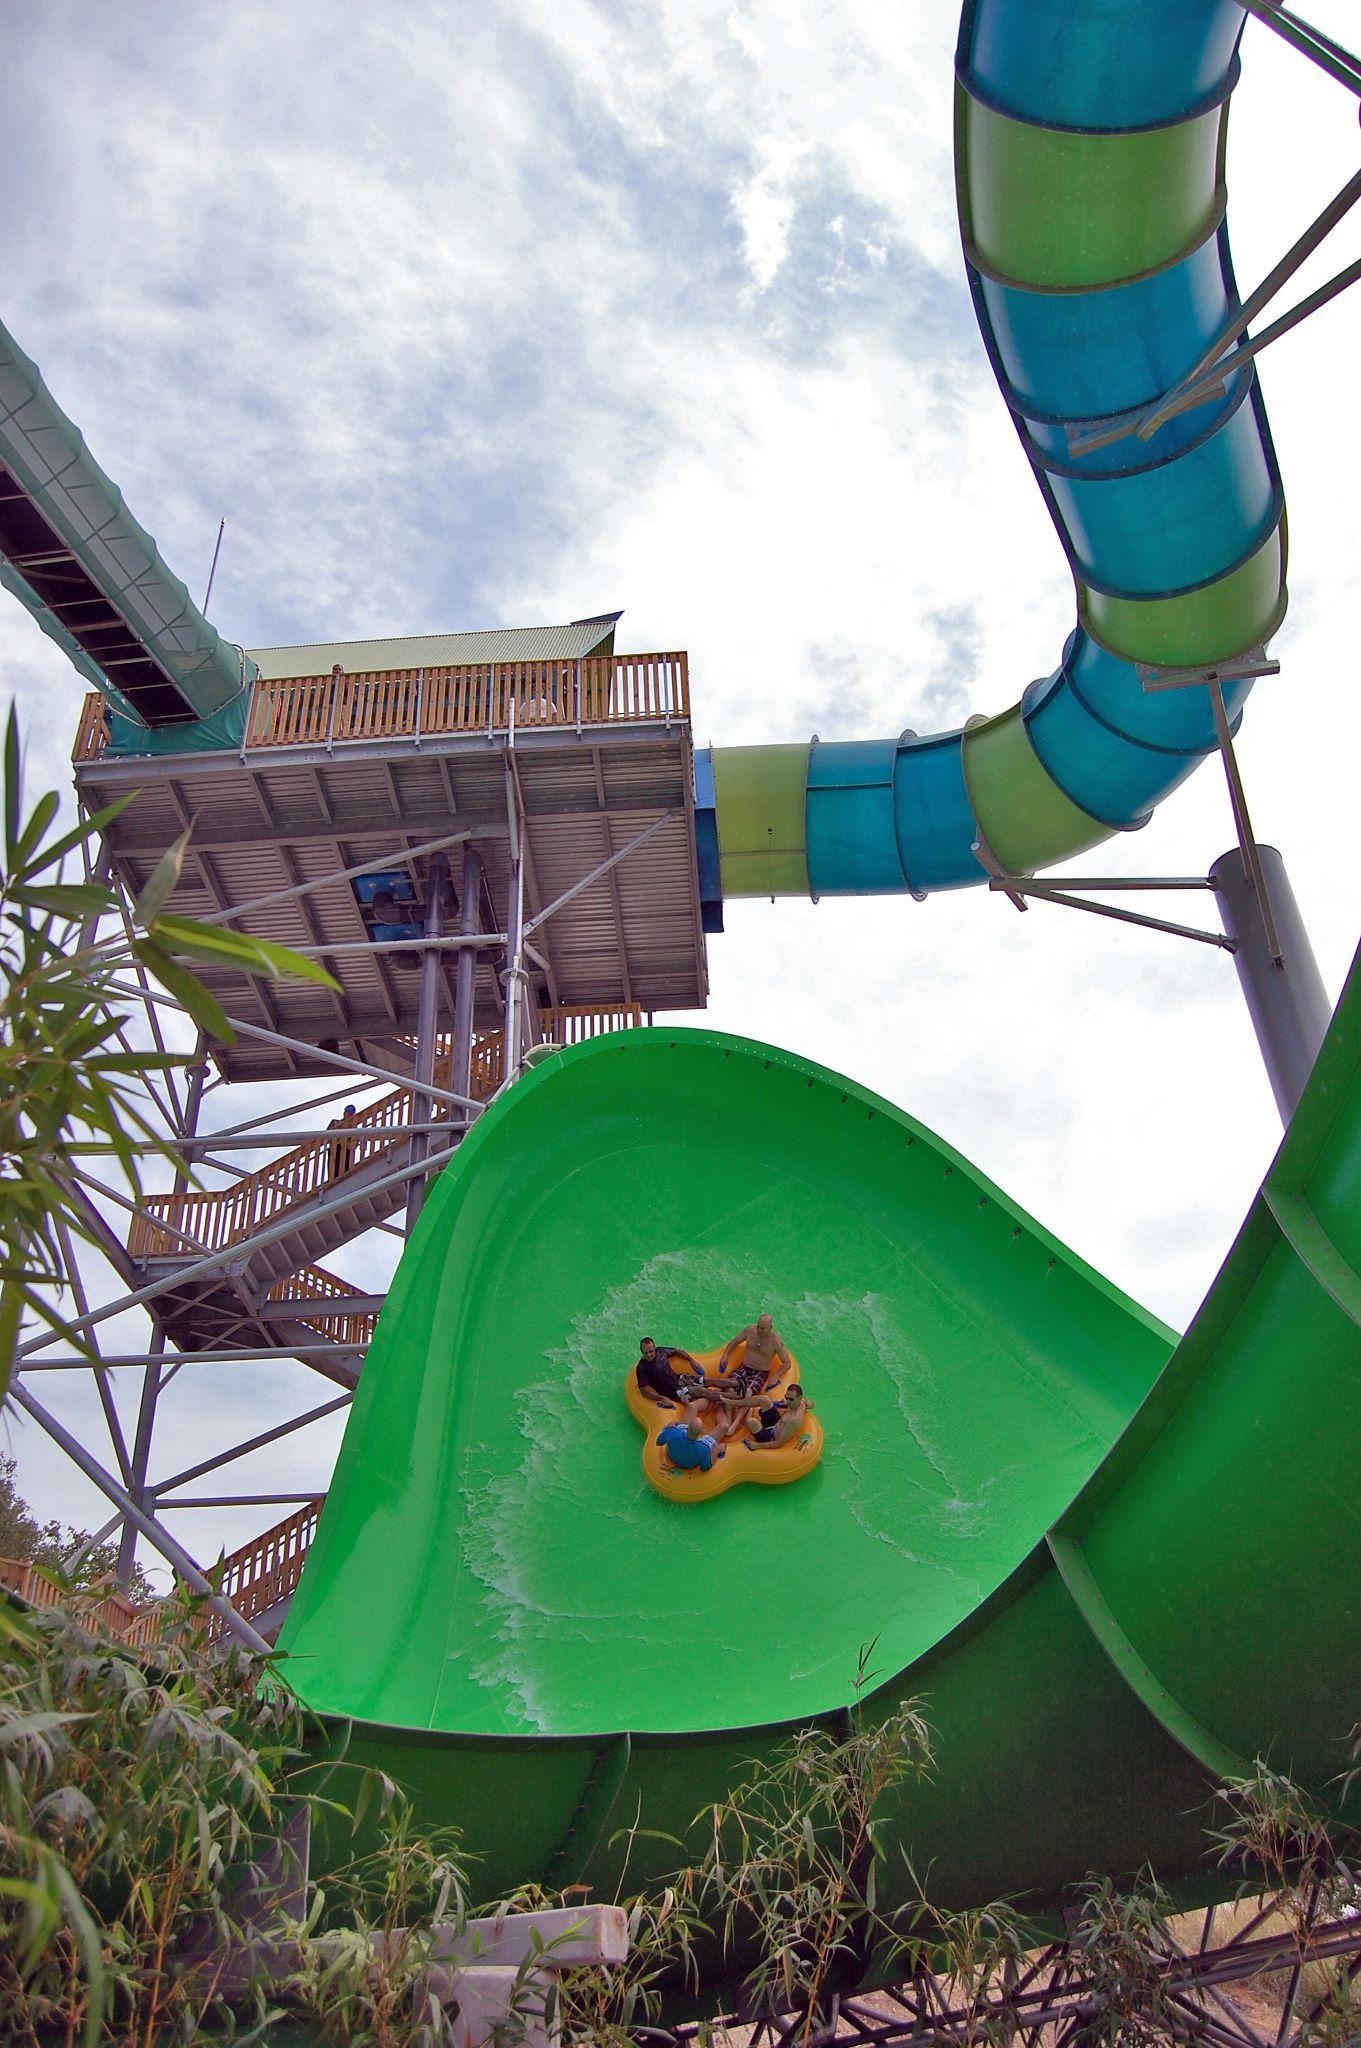 Behind The Thrills Aquatica San Antonio Releases Park